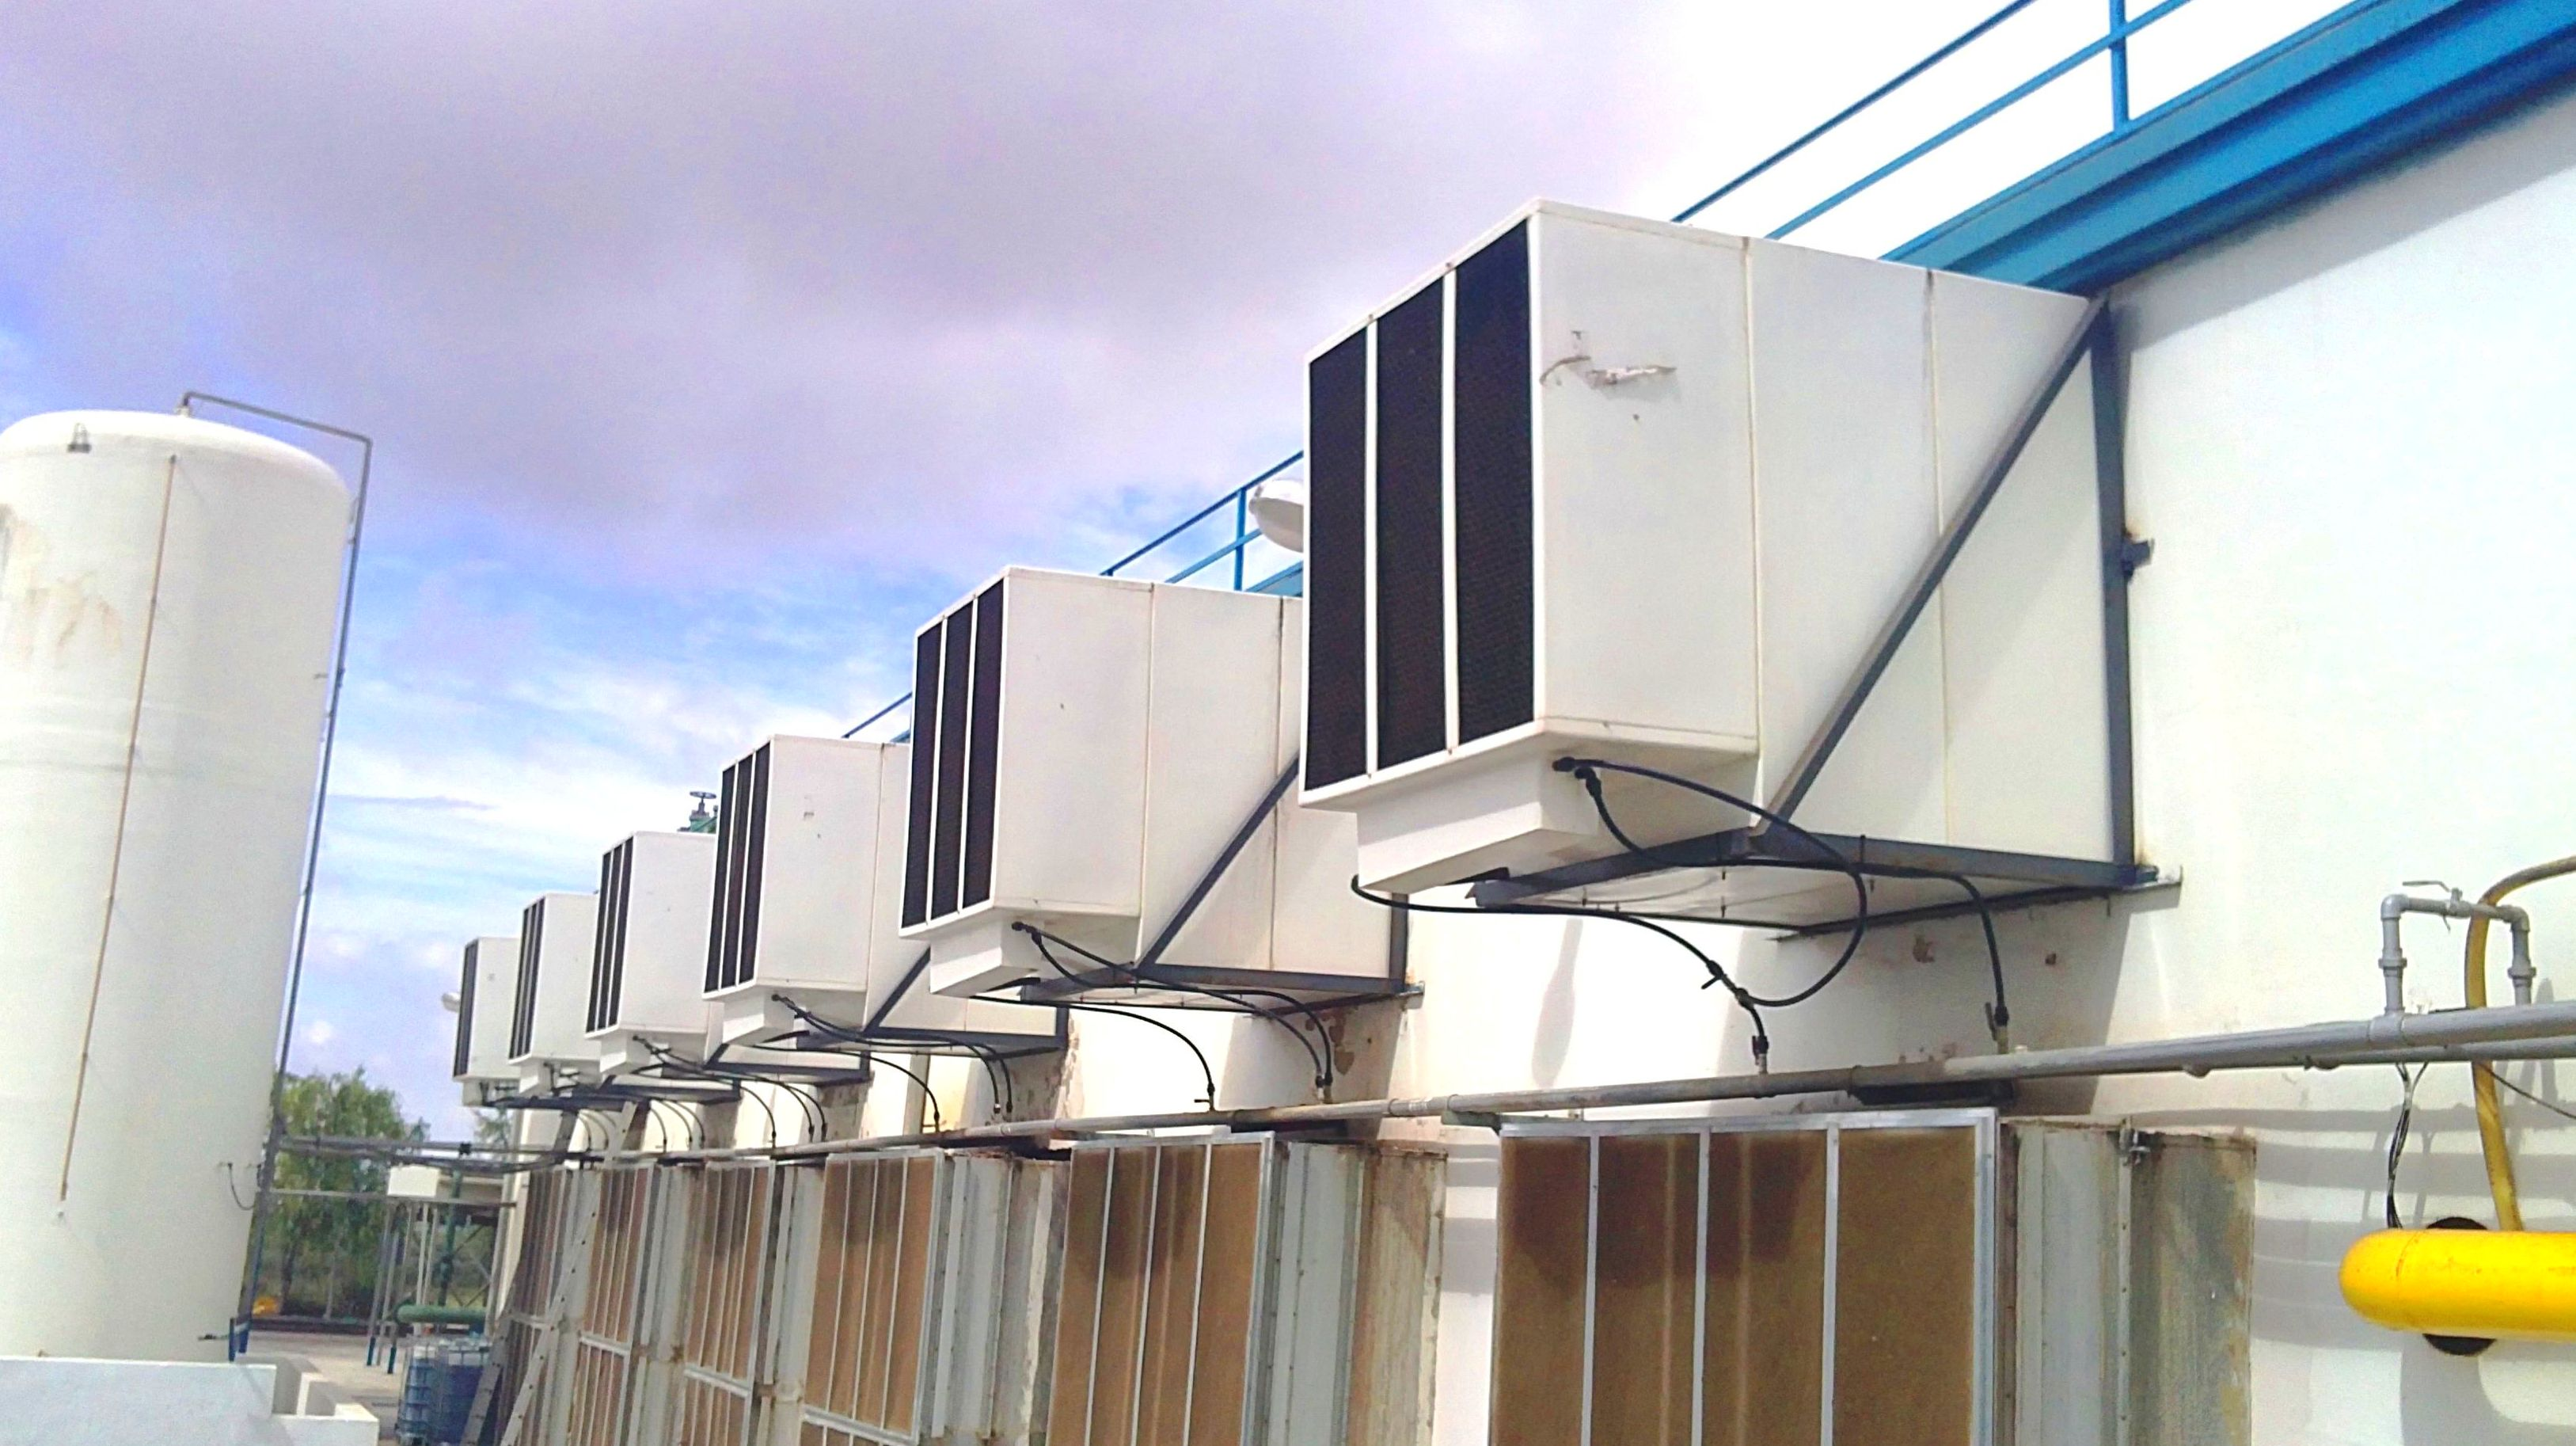 La refrigeración evaporativa: aportaciones y aplicaciones en la industria cárnica